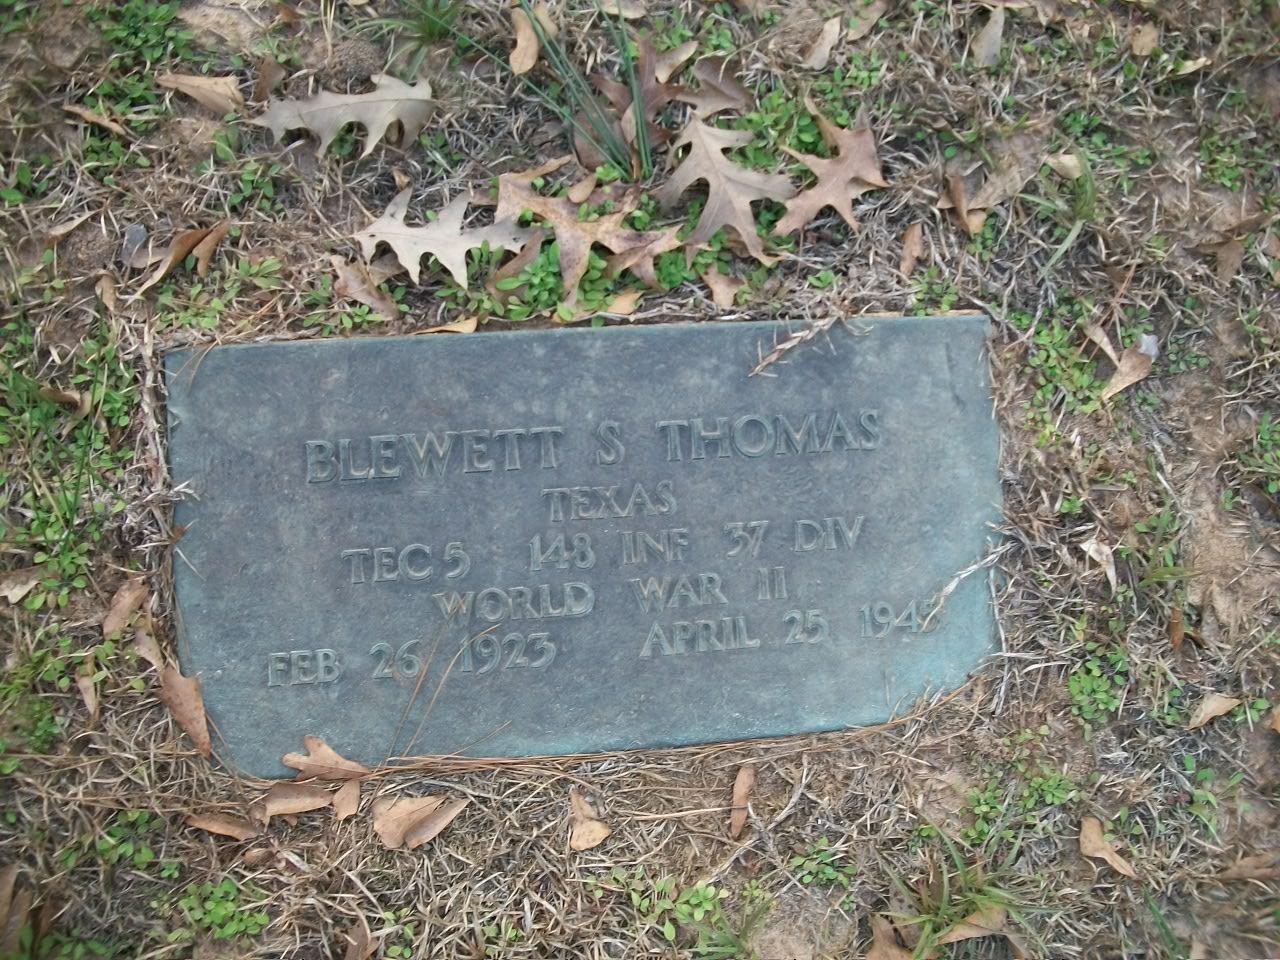 Blewett Smith Thomas